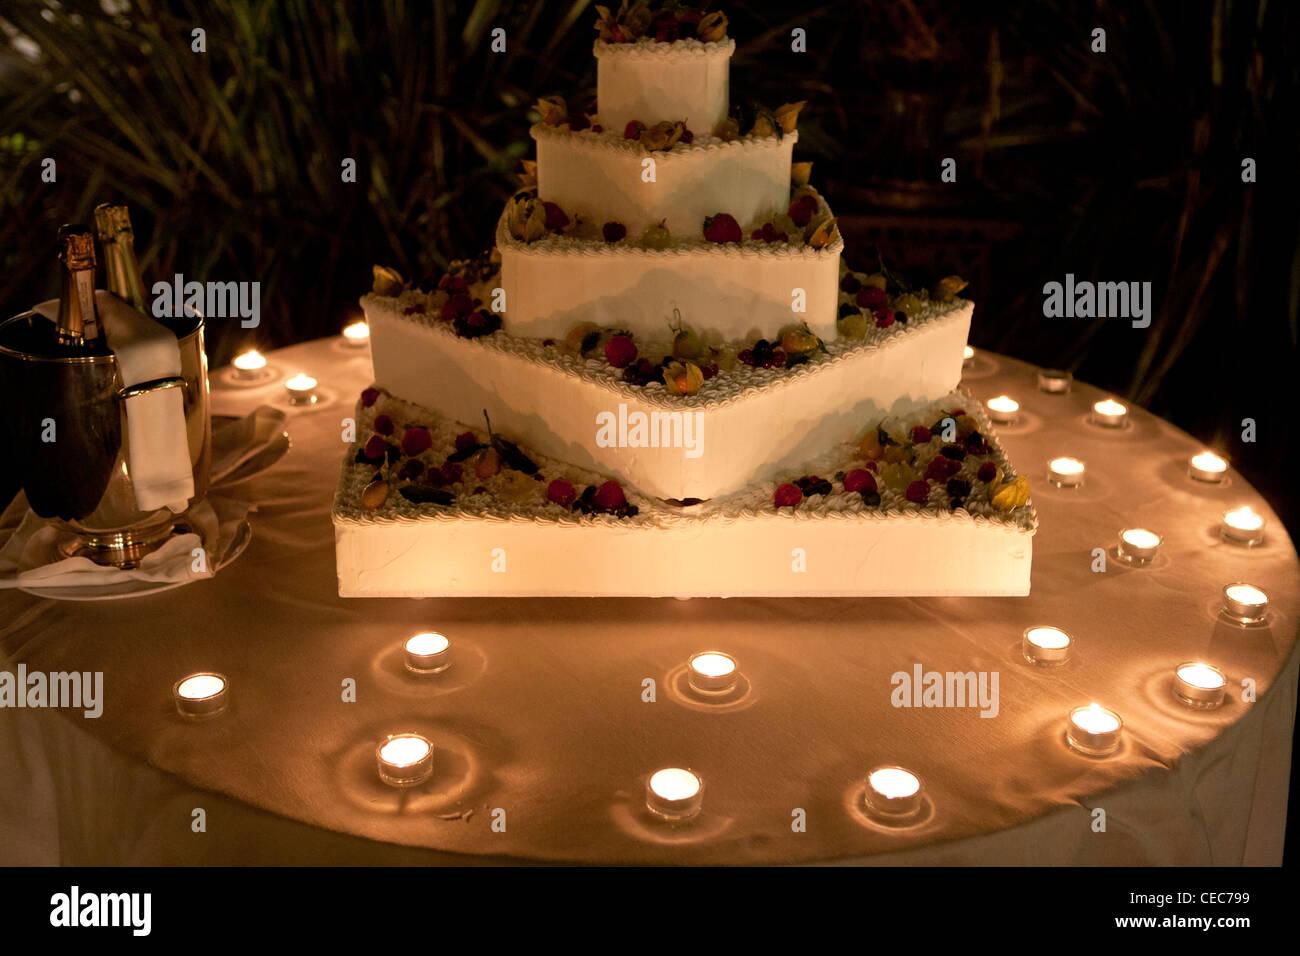 Hochzeitstorte Beleuchtet Bei Kerzenschein Italien Europa